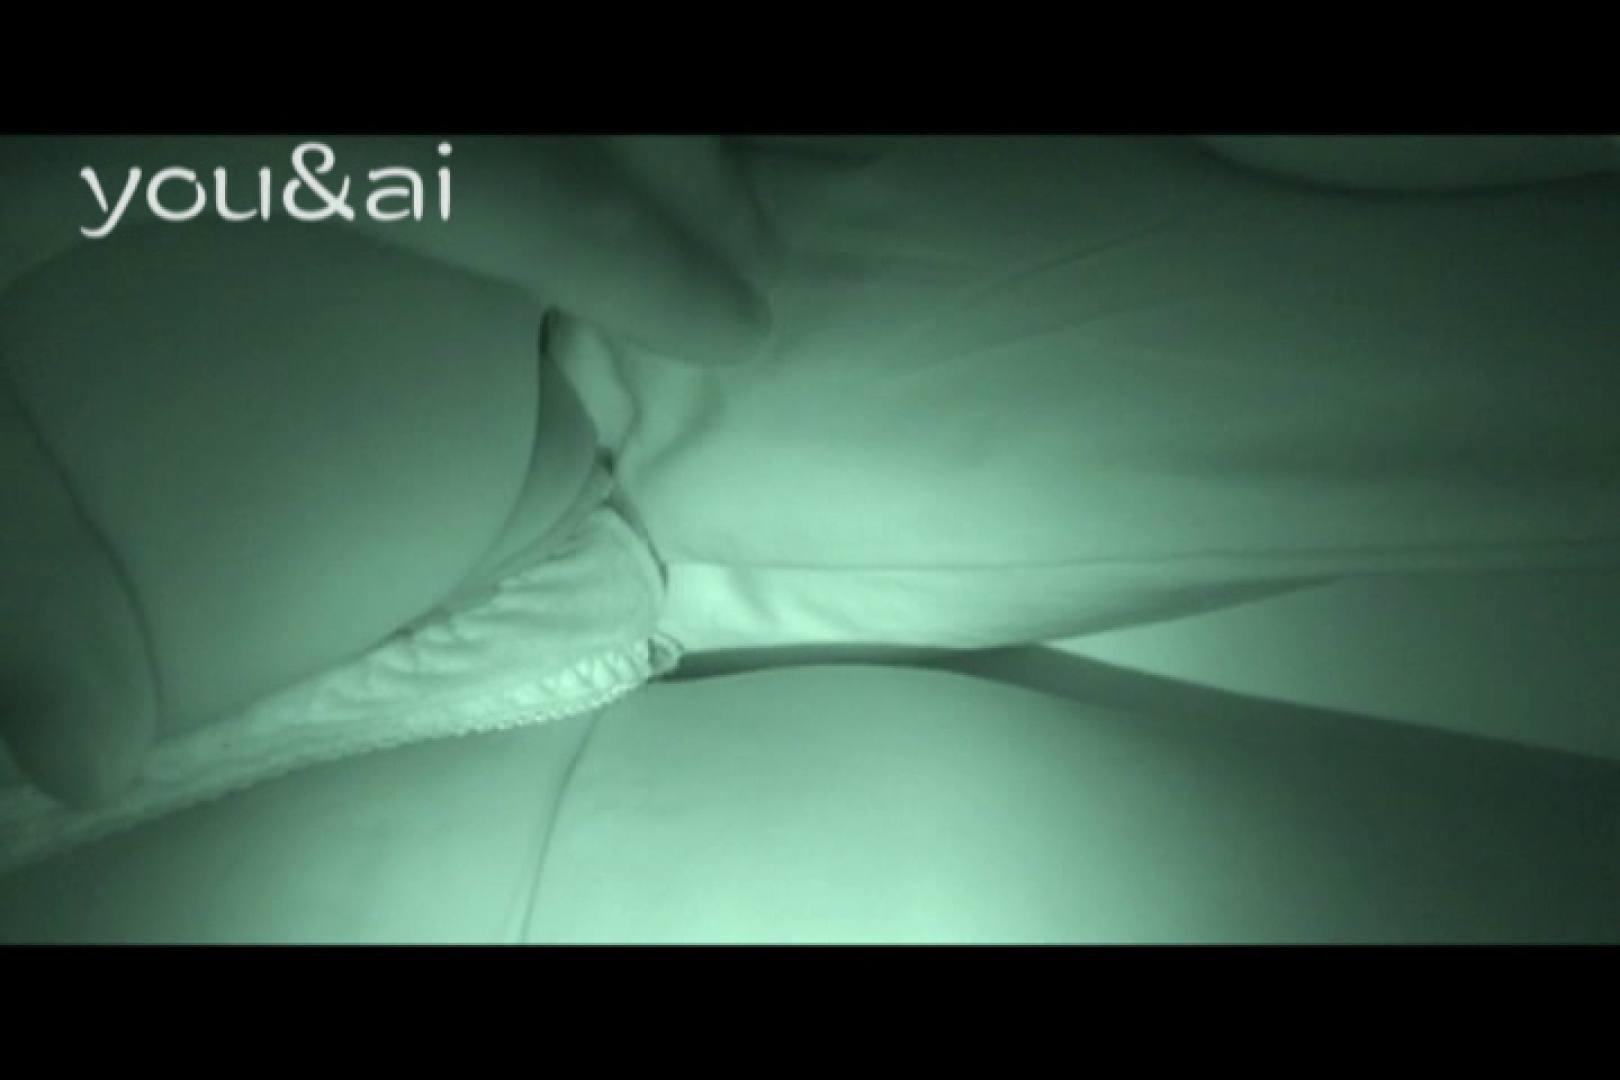 おしどり夫婦のyou&aiさん投稿作品vol.6 0  56pic 9